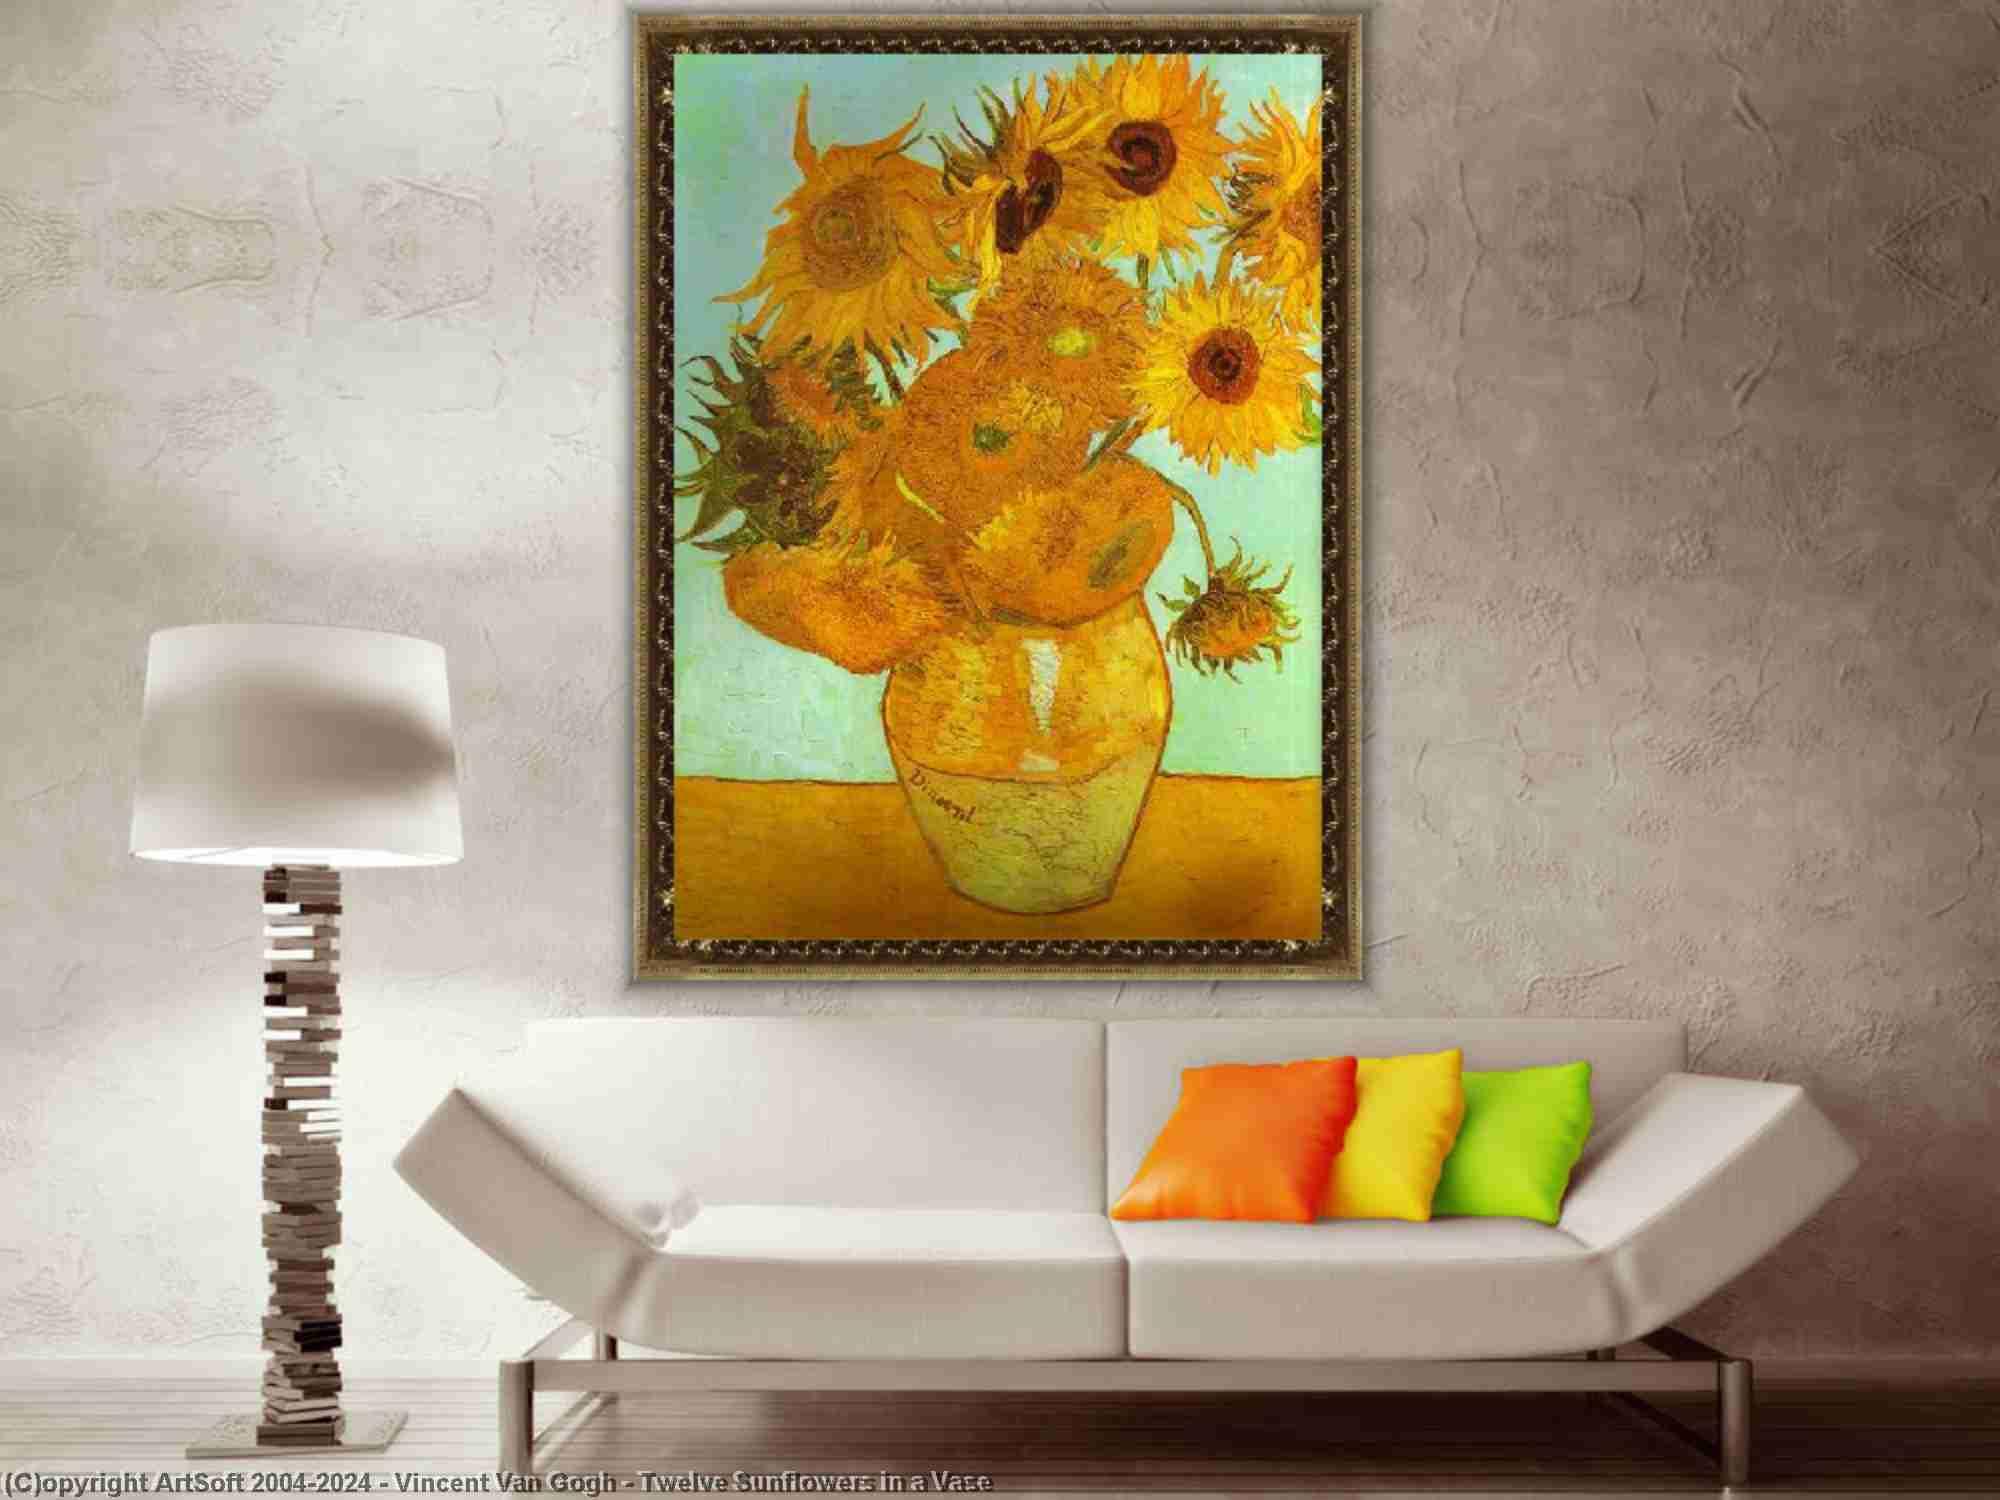 Vincent Van Gogh - zwölf sonnenblumen in einer vase